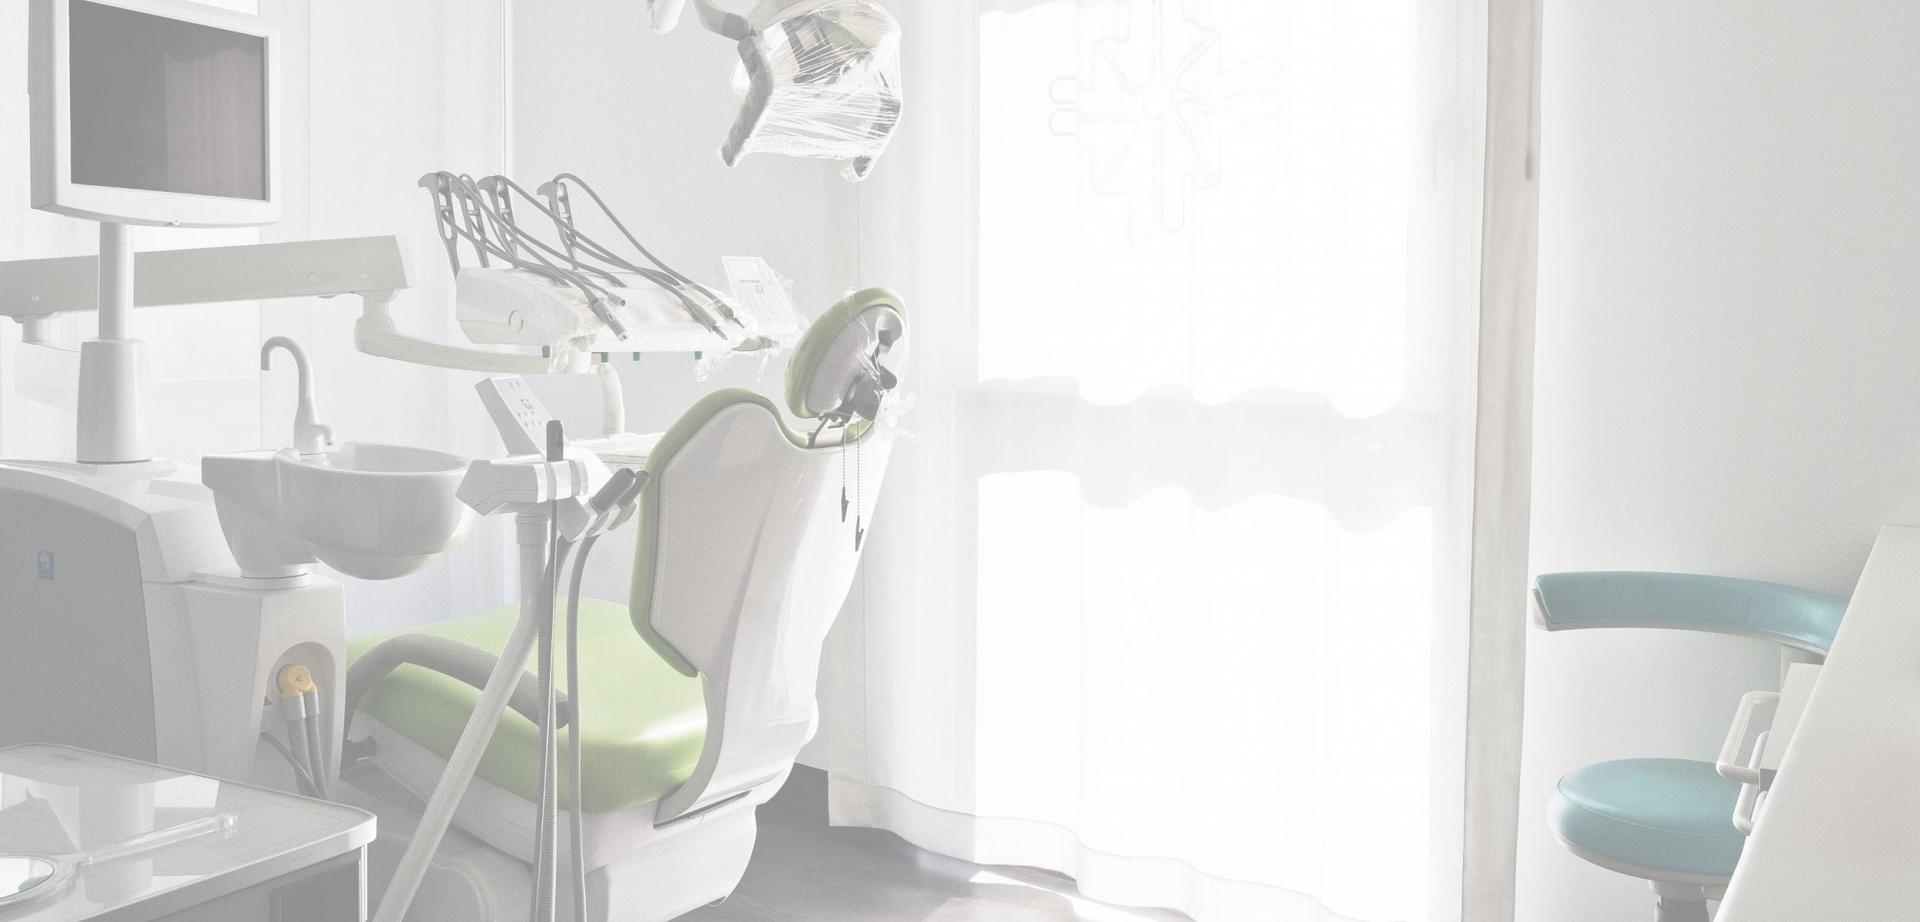 Professionisti specializzati nei diversi settori odontoiatrici